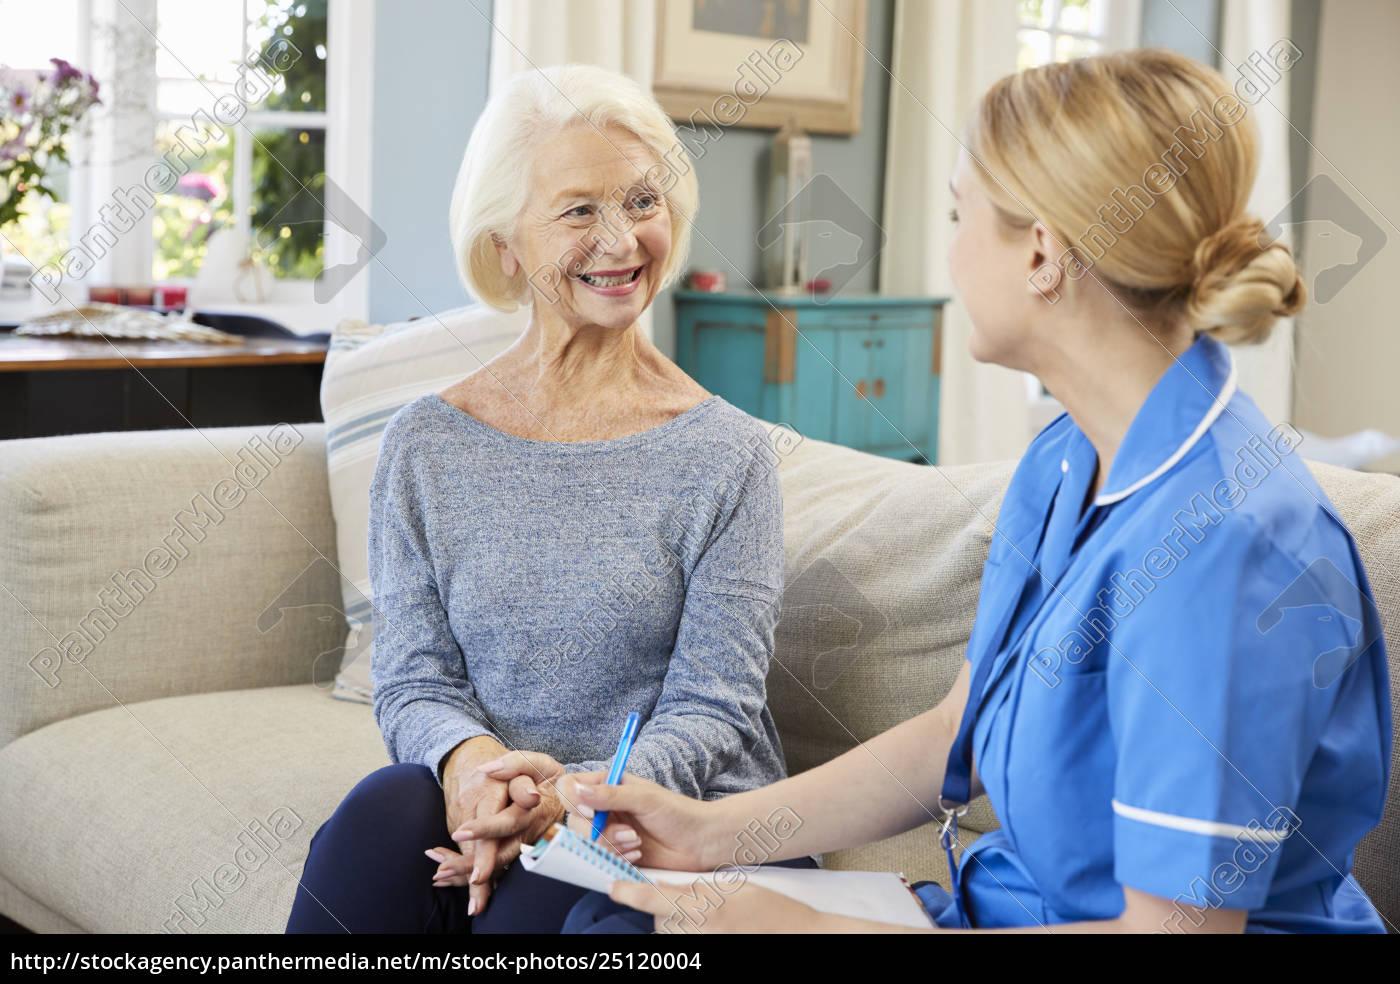 enfermera, comunitaria, visita, a, la, mujer - 25120004